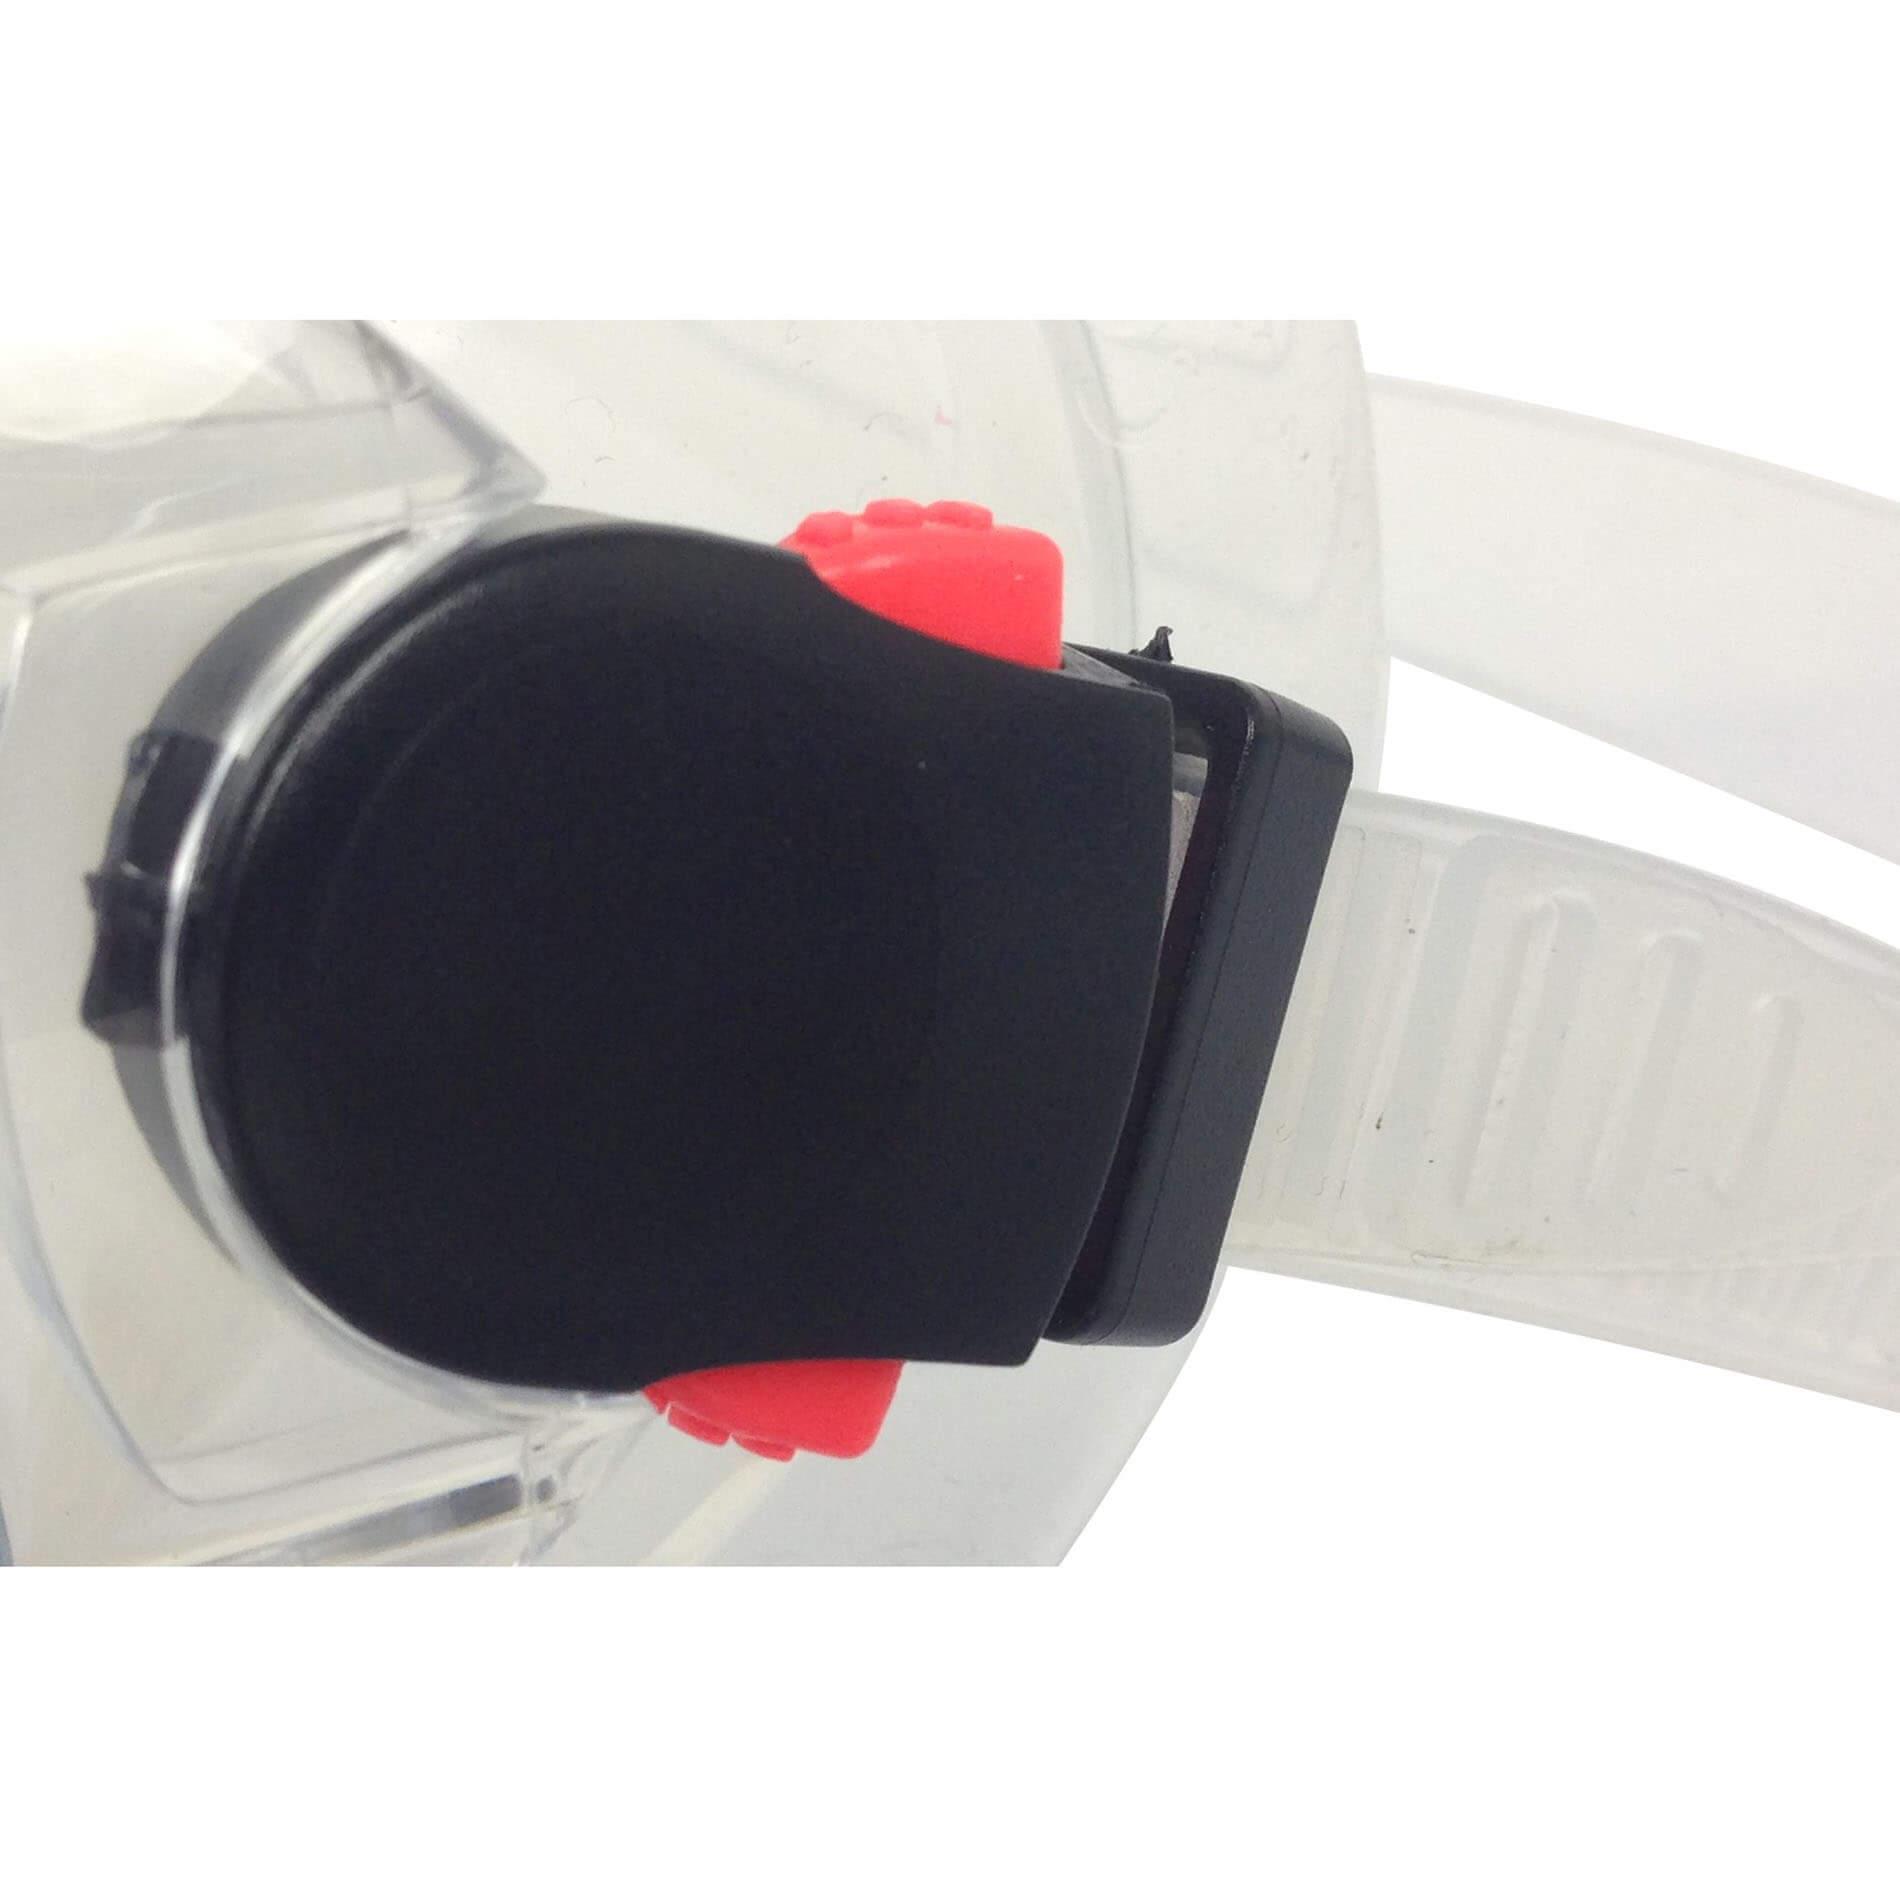 Duikbril - Senior - Wit/Zwart